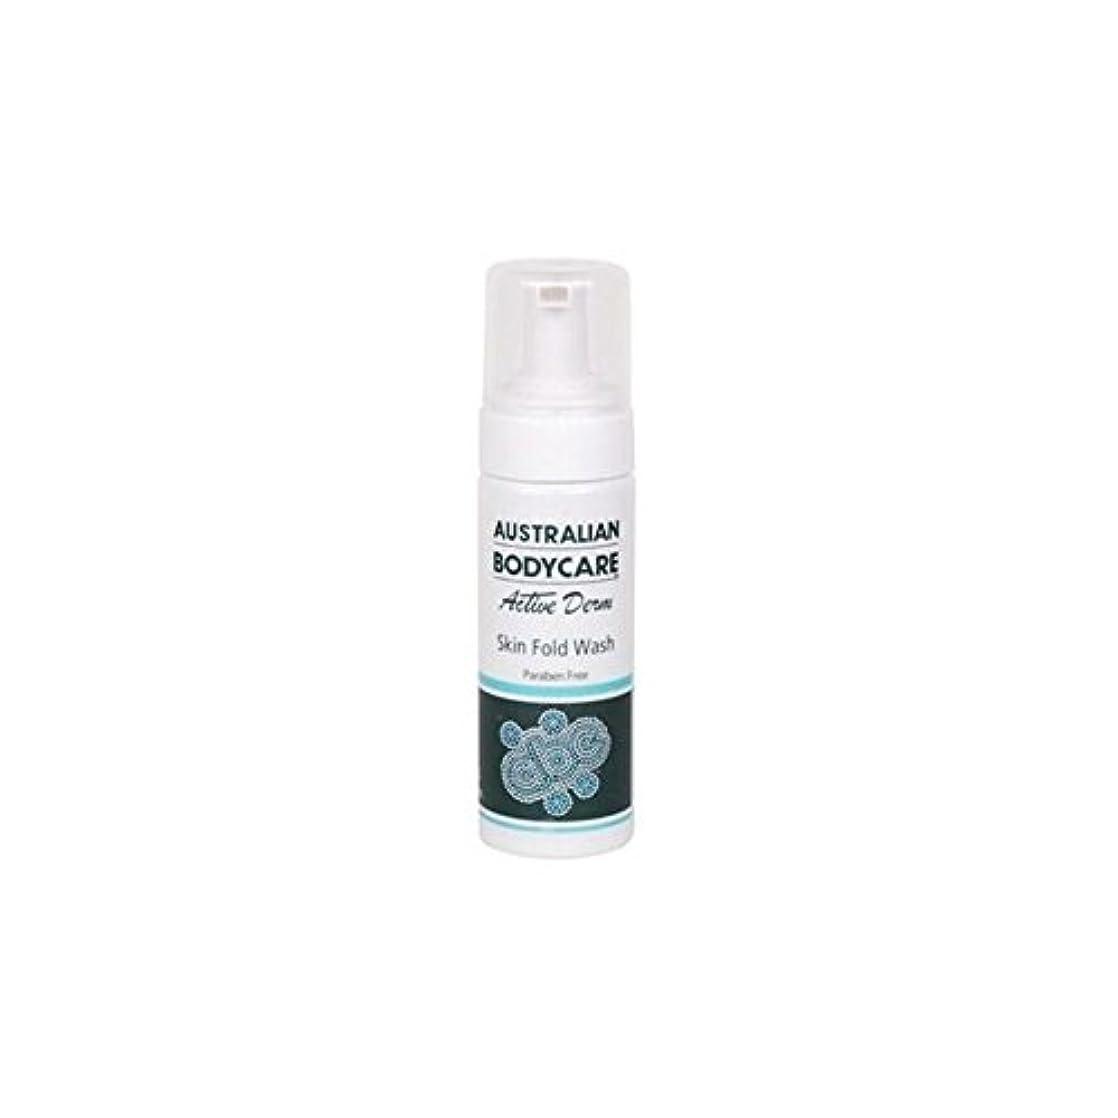 にぎやか立ち向かう冷ややかなAustralian Bodycare Active Derm Skin Fold Wash (150ml) (Pack of 6) - オーストラリアのボディケアアクティブダームの皮膚のひだの洗浄(150ミリリットル)...